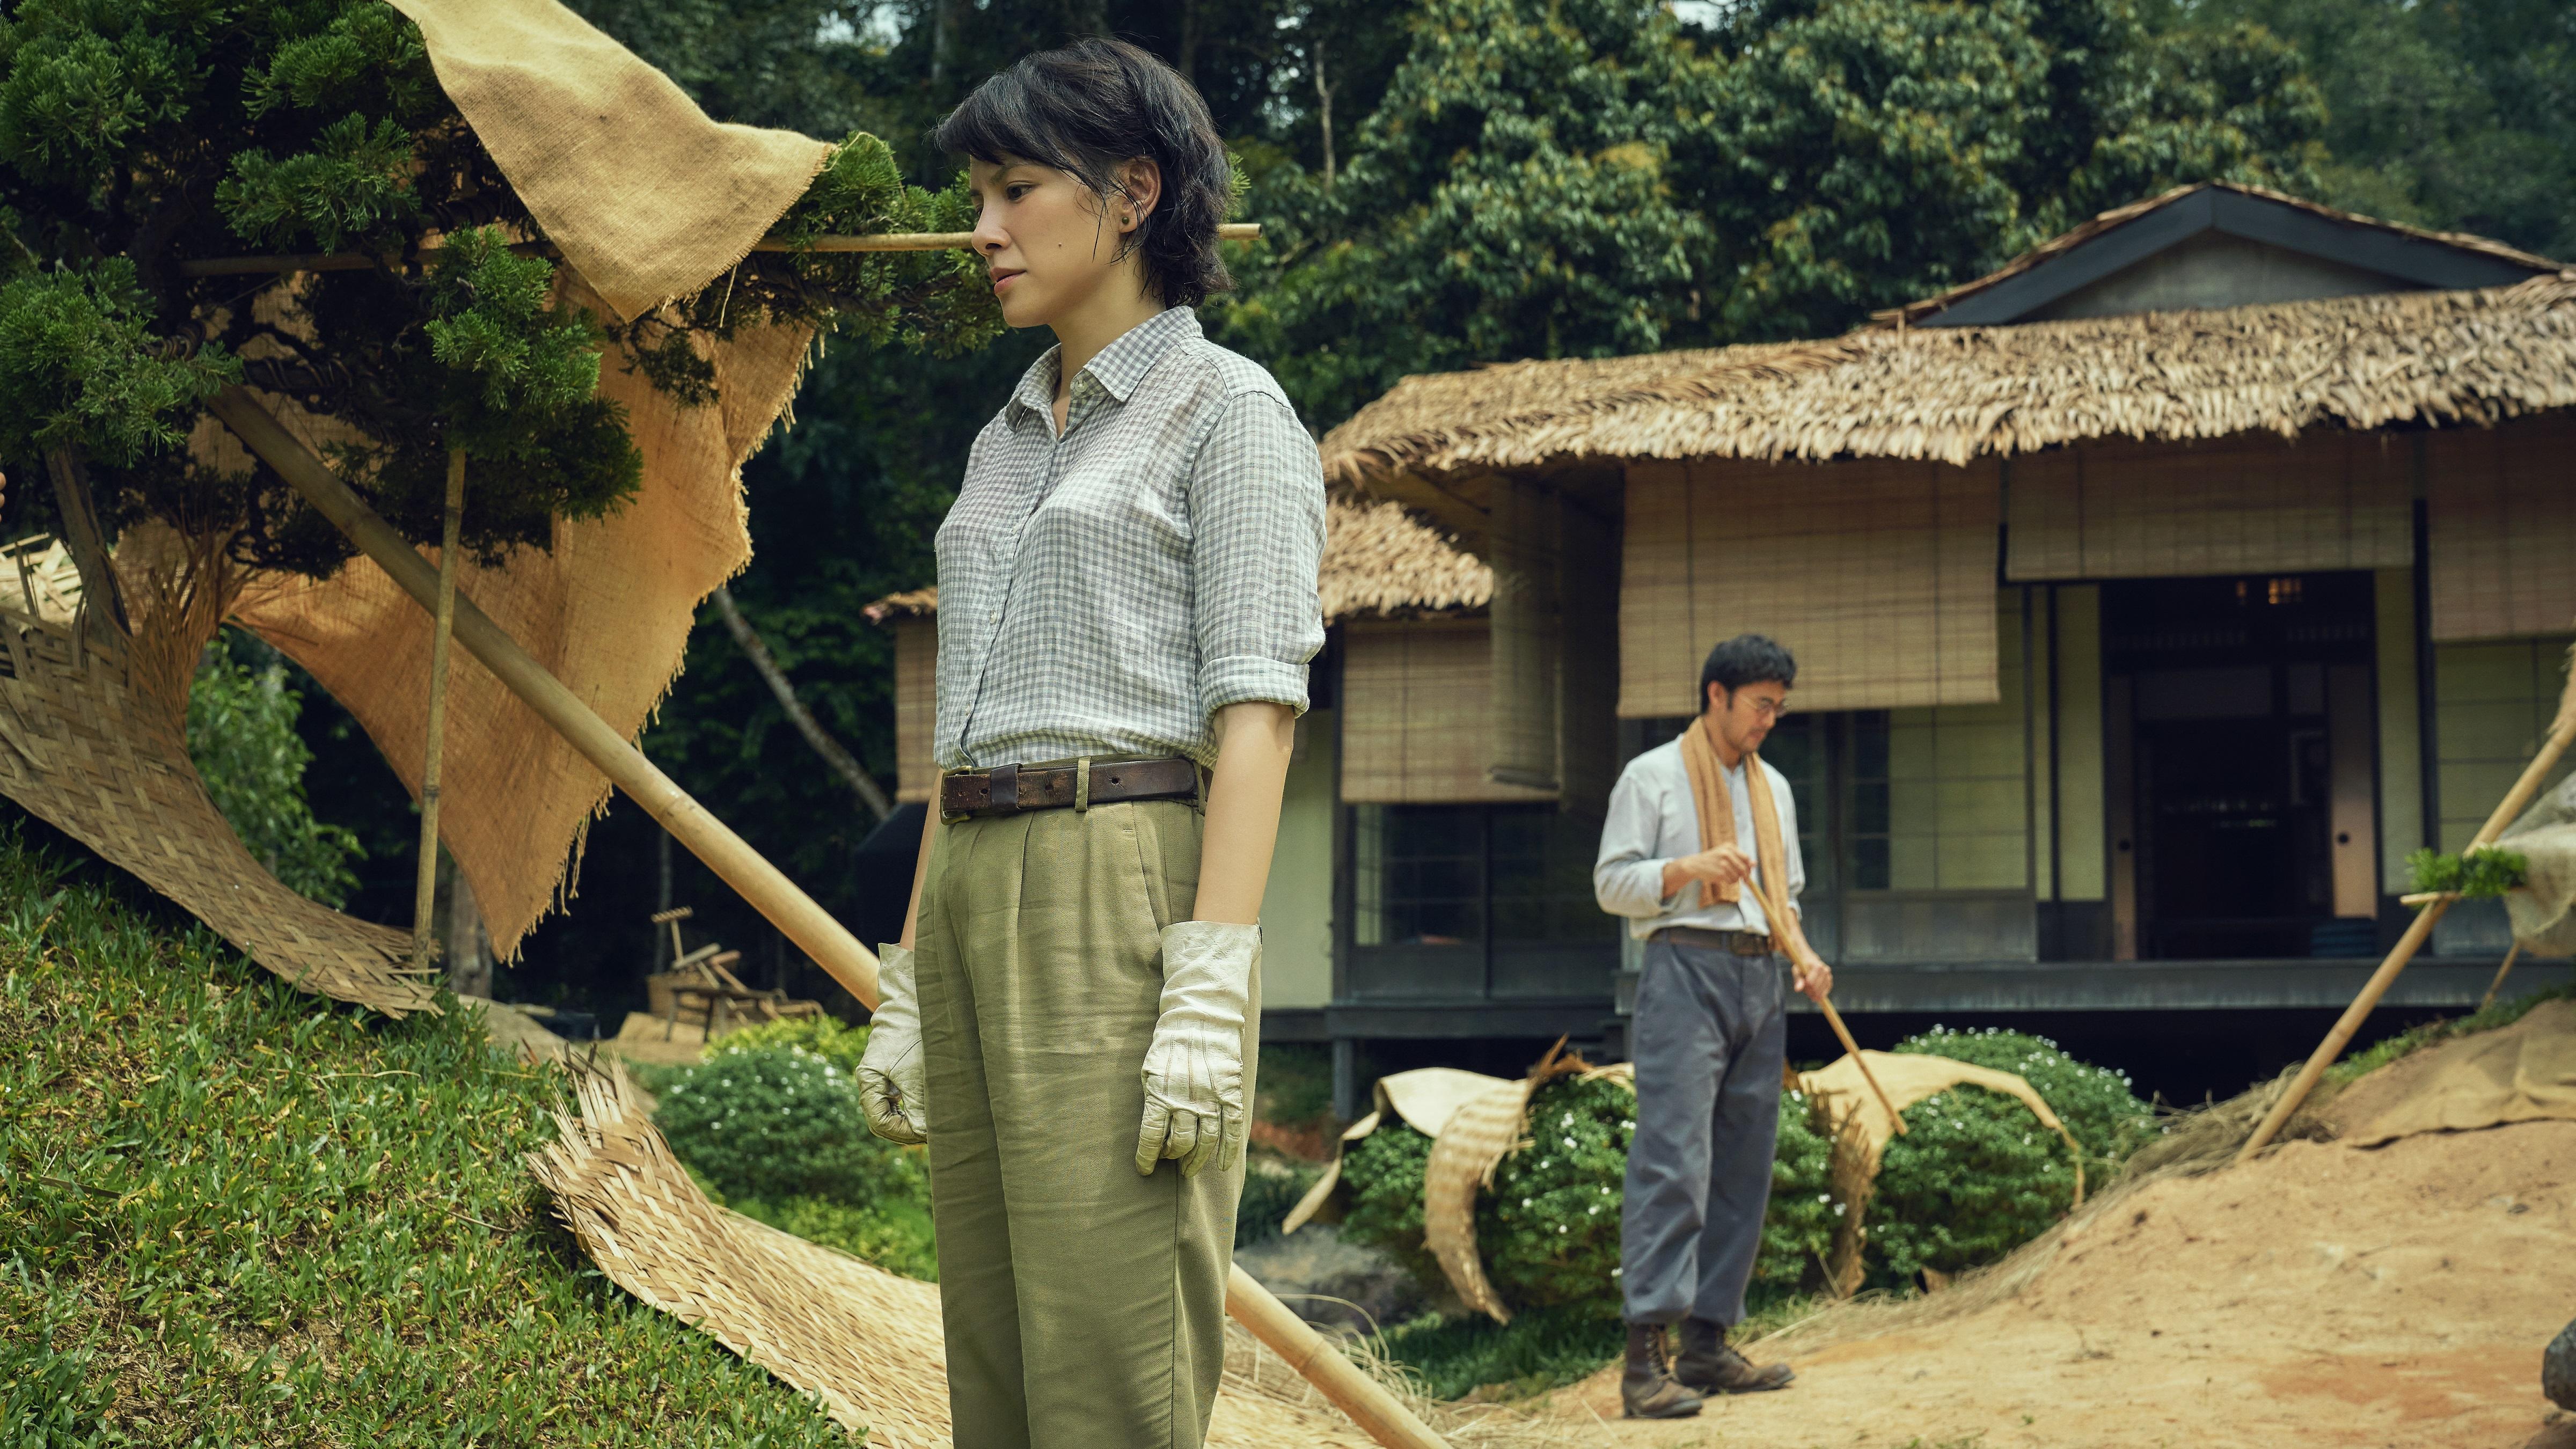 《夕雾花园》是一部改编自同名小说的电影。-HBO Asia提供-